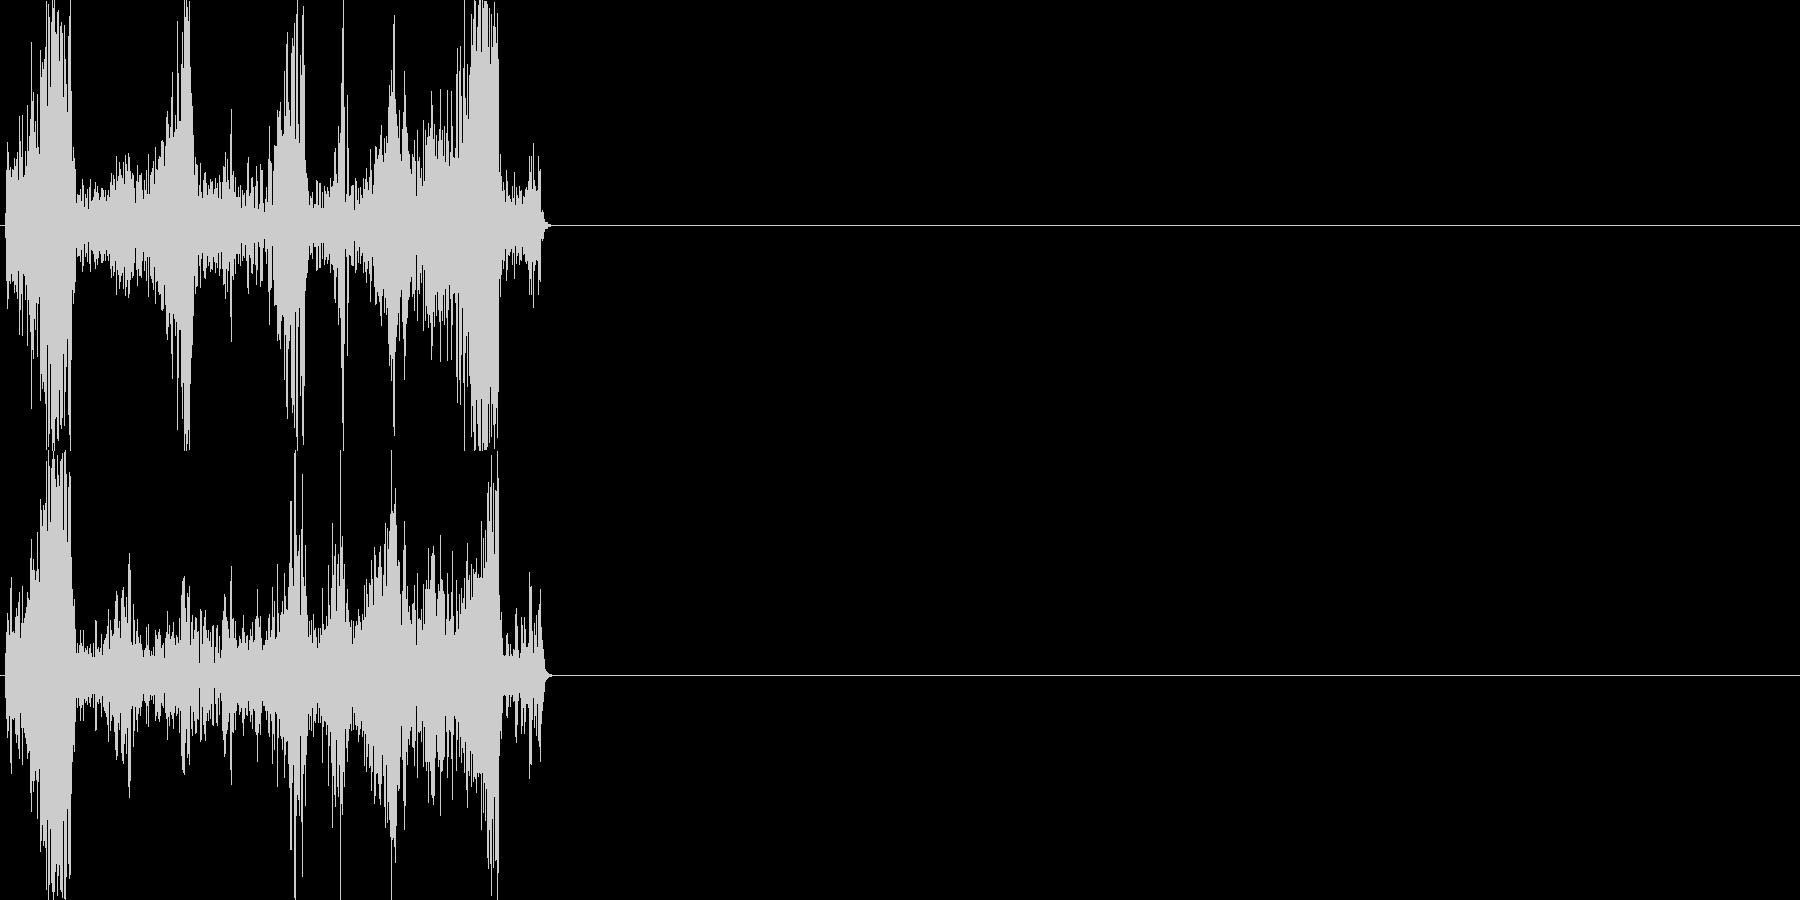 巻き戻し音01_シンセの未再生の波形